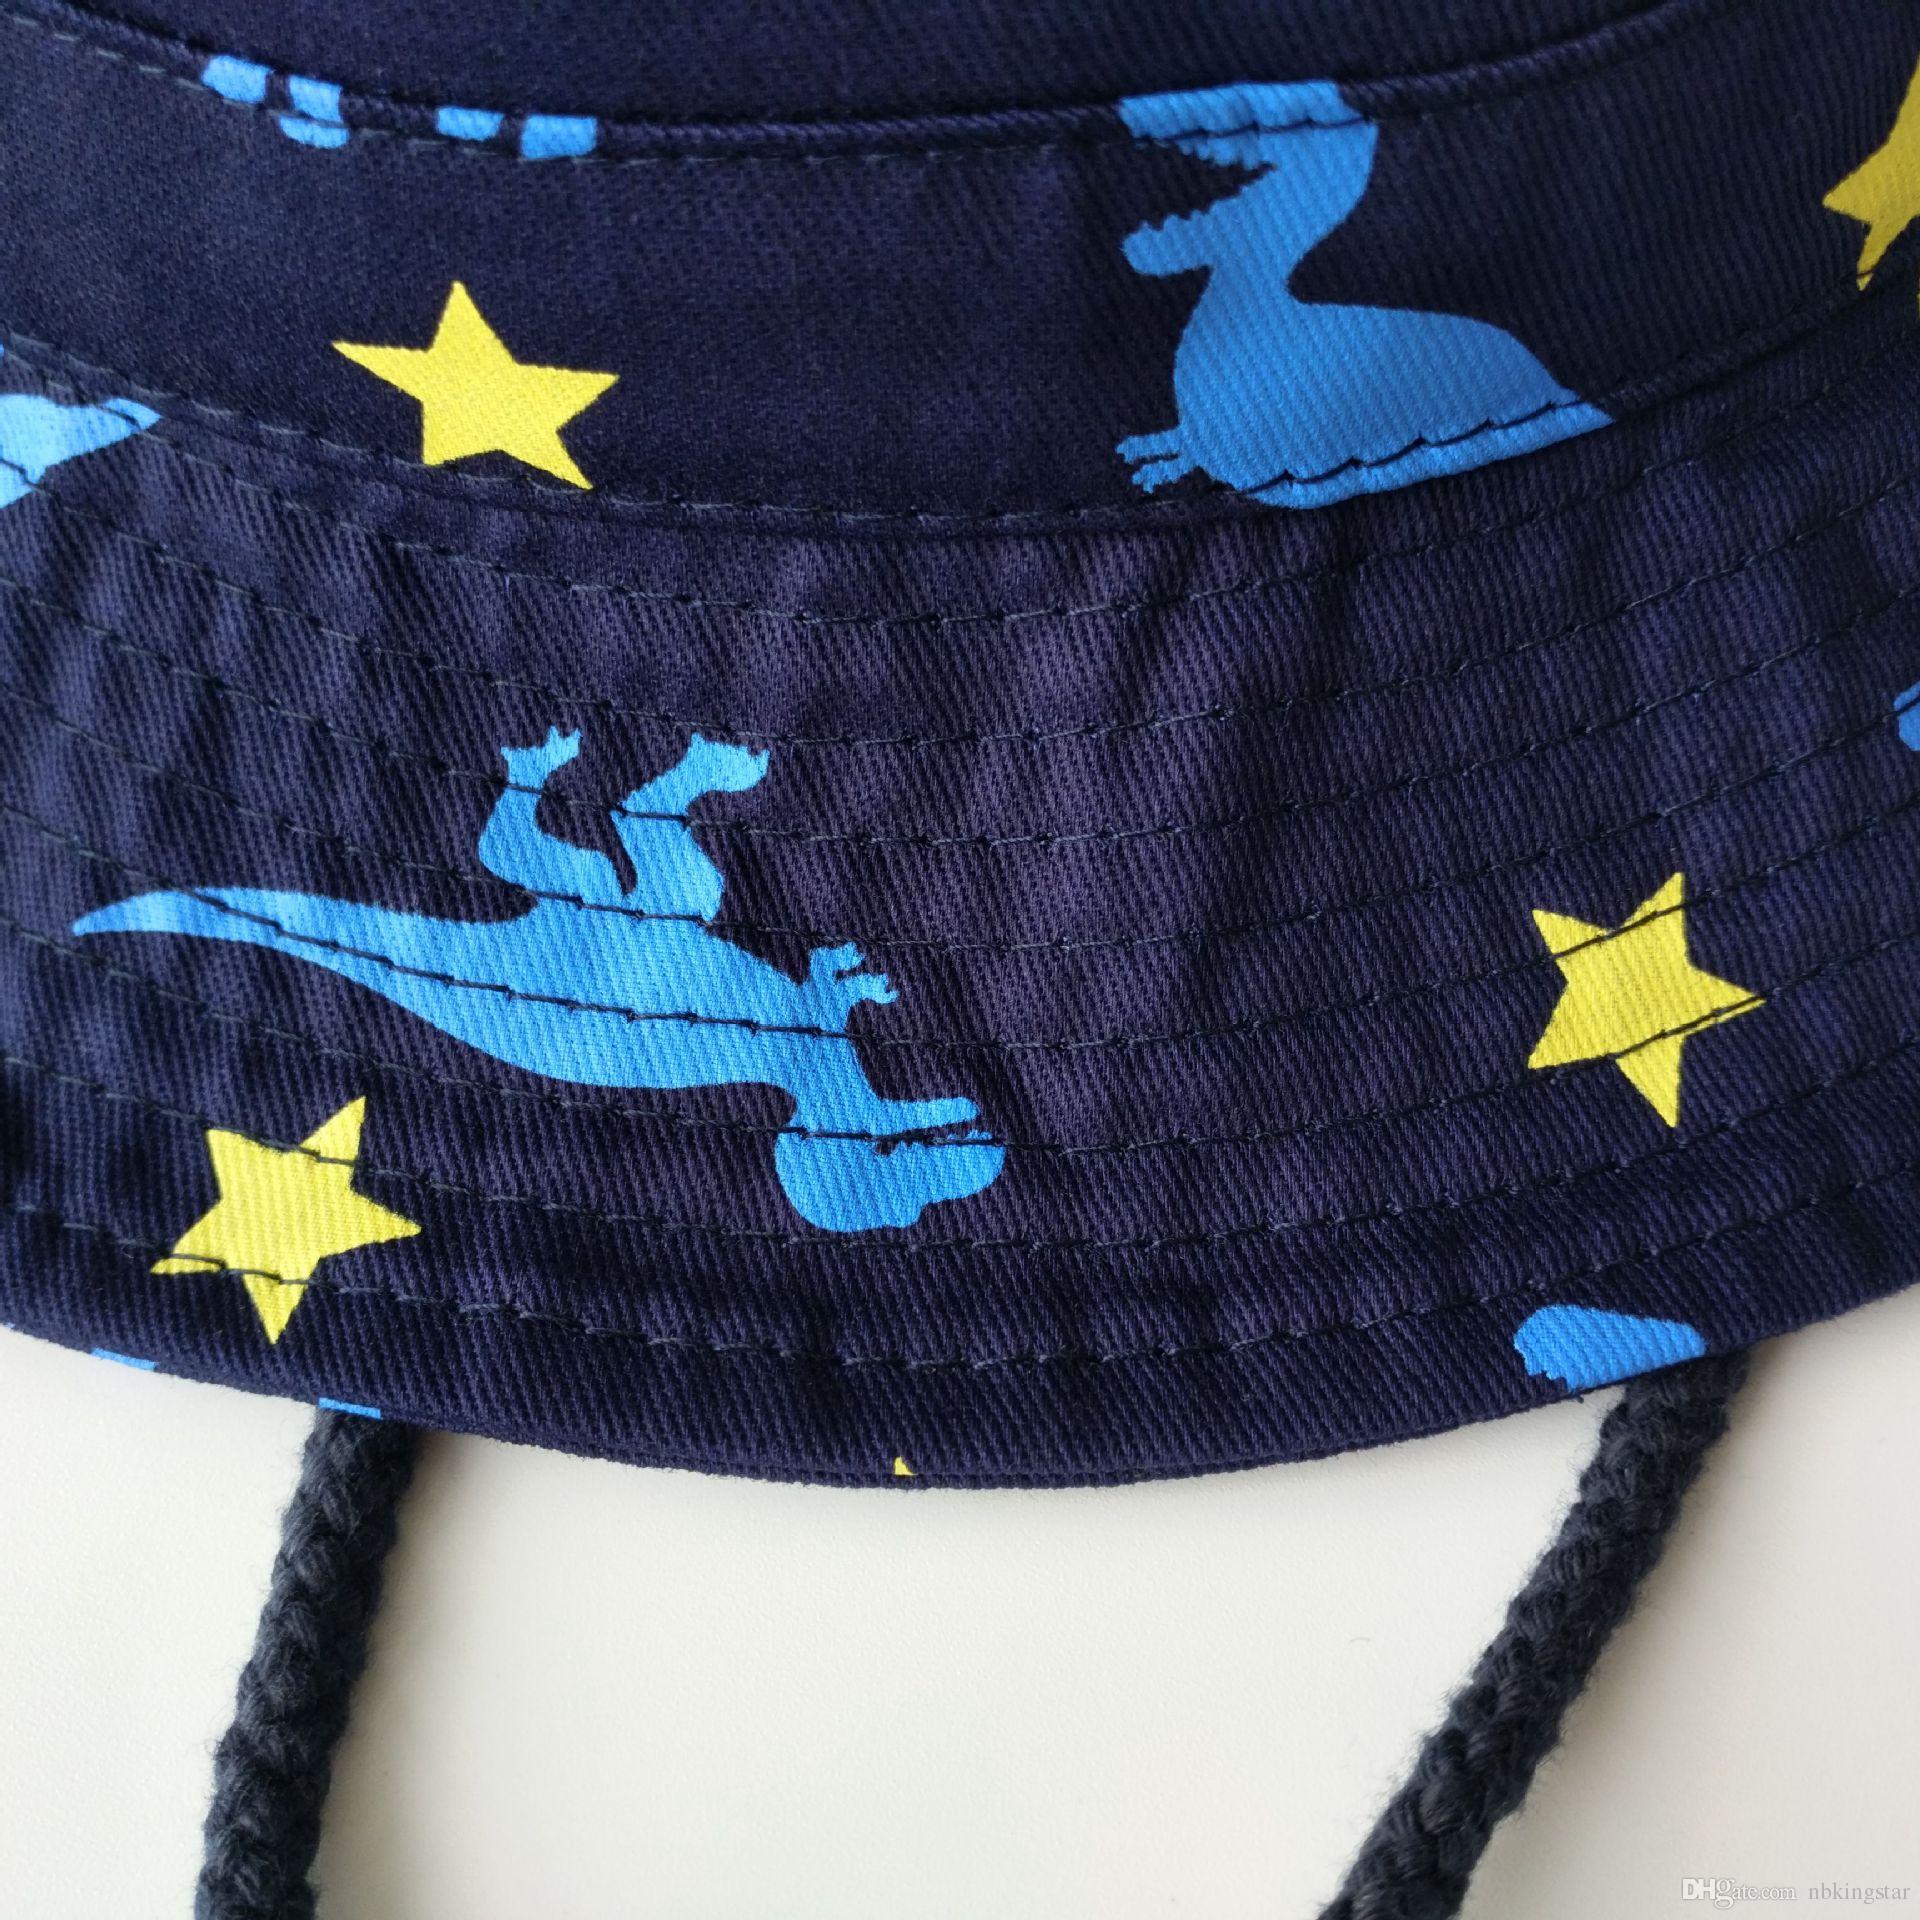 Niños Dinosaurio Impresión Animales Cubo Sombrero Plegable Curling Ala Floppy Pescador Sombreros Niños Regreso a la escuela Protección solar Bob Gorras